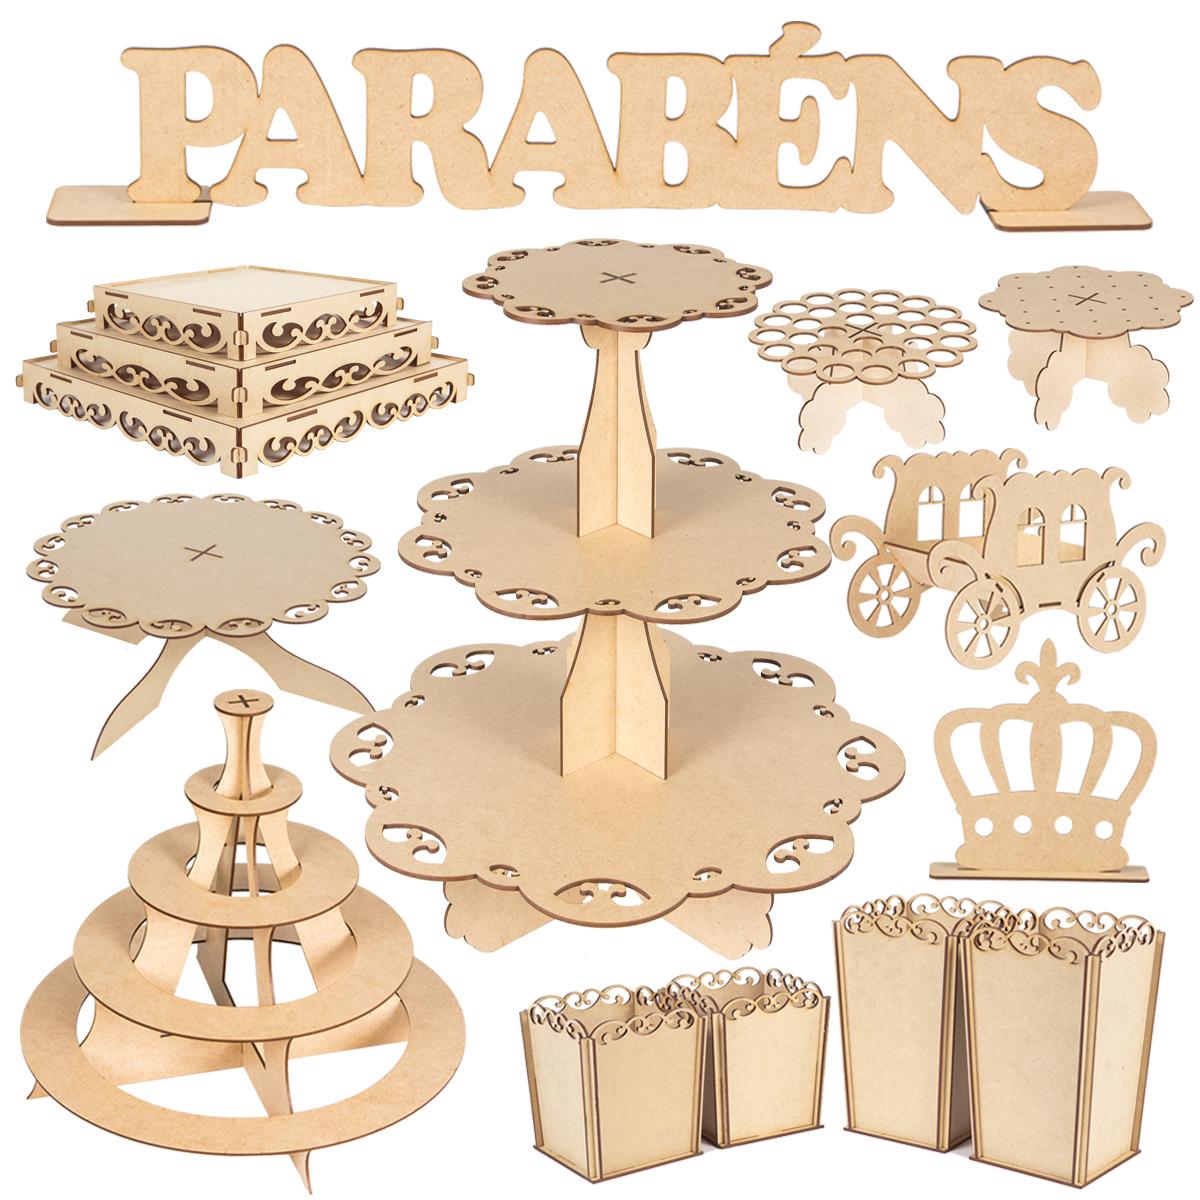 bandejas-provencal-em-mdf-decoracao-festa-kit-coroa